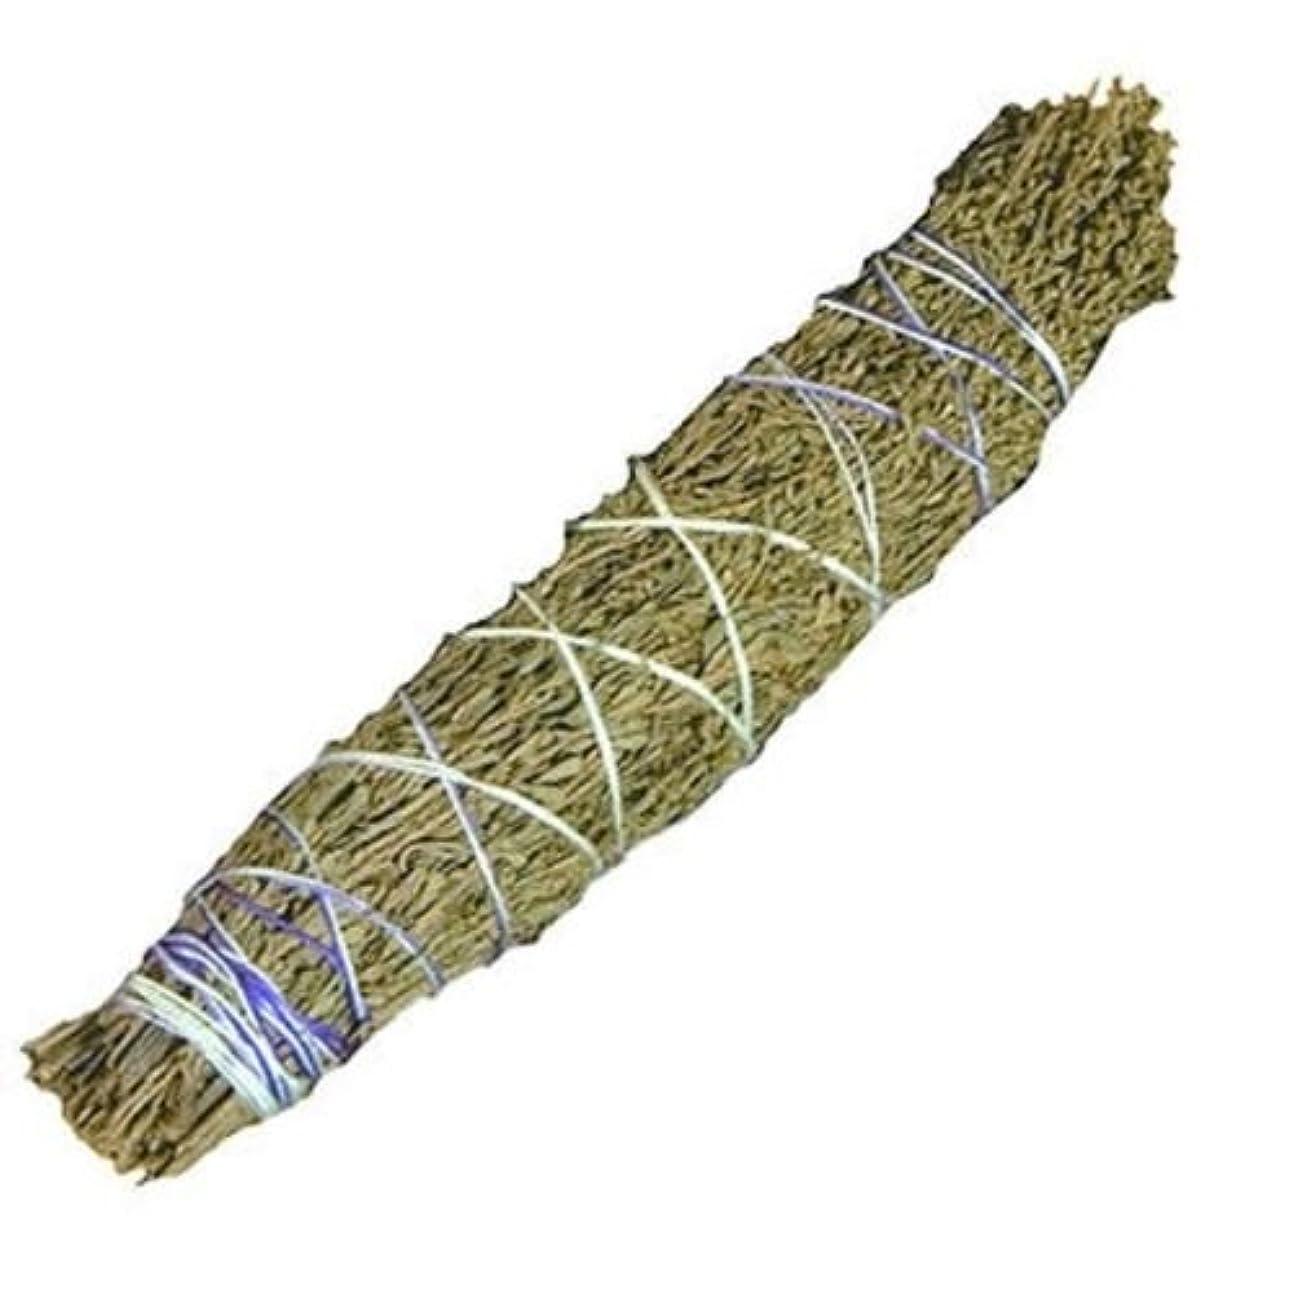 覚えているブラジャーその他2つSmudge sticks-ラベンダー&セージ、植物